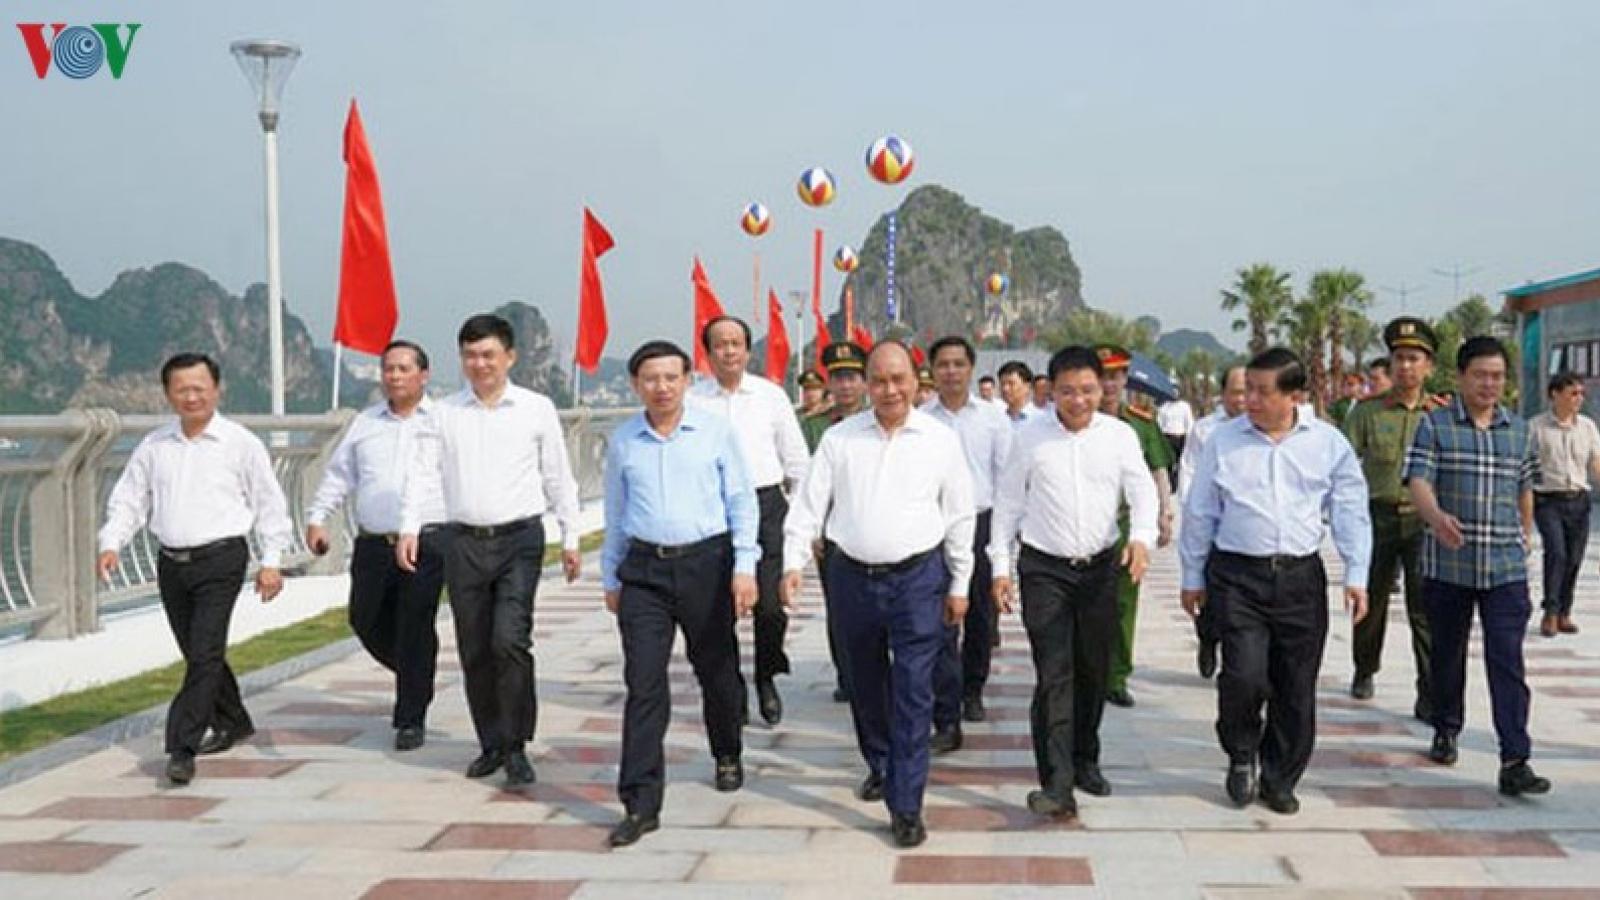 """Thủ tướng: Quảng Ninh không được thỏa mãn """"non"""" về kết quả đạt được"""